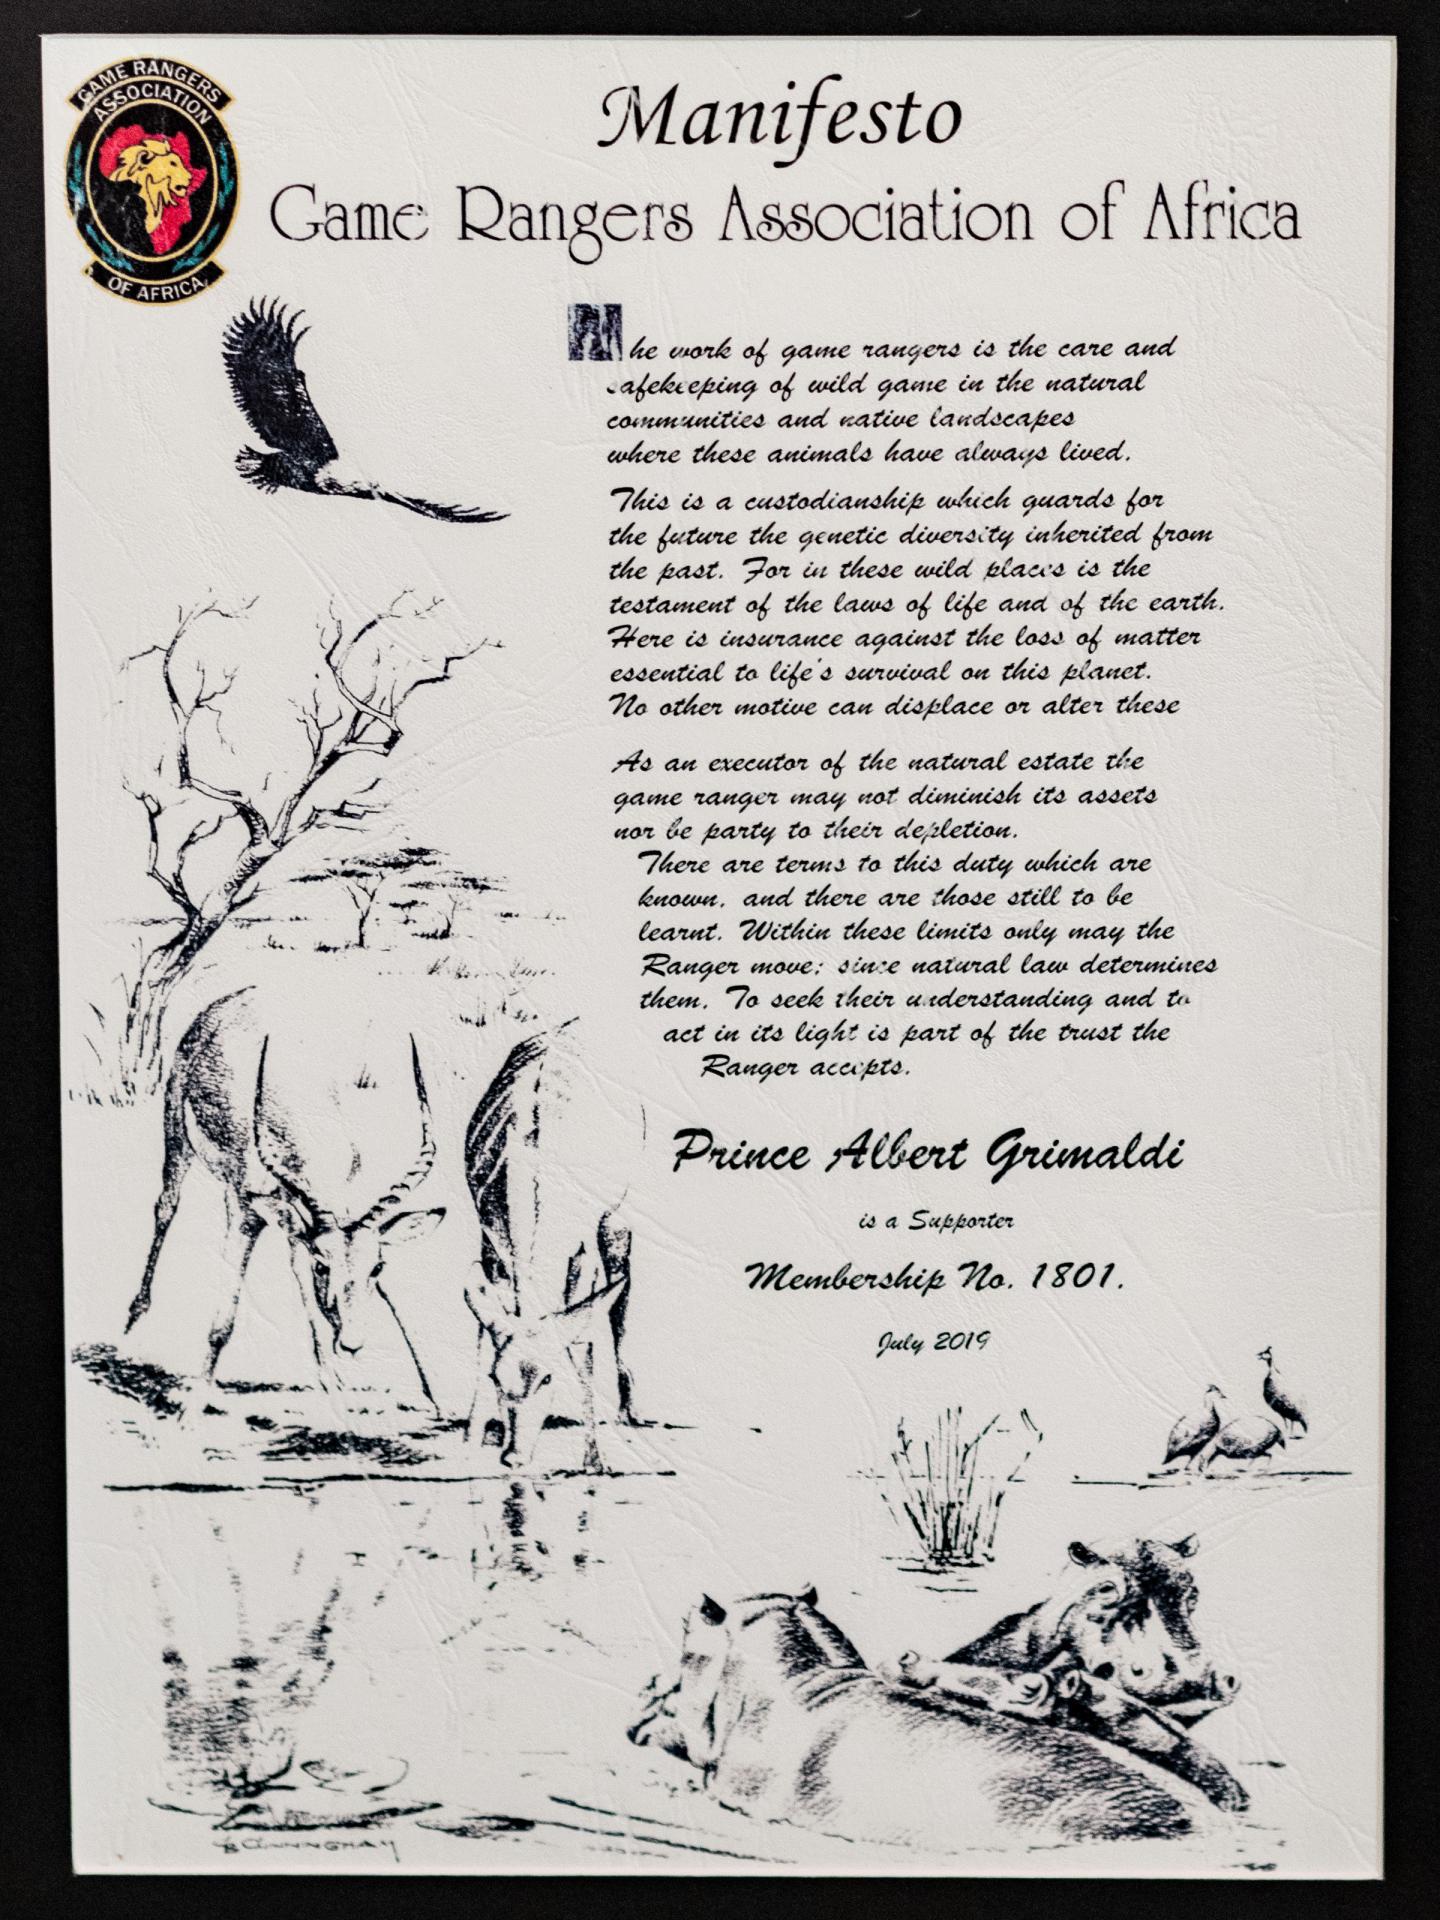 Pour ses actions et celles de sa Fondation, le prince Albert II a été distingué par la Game Rangers Association of Africa.